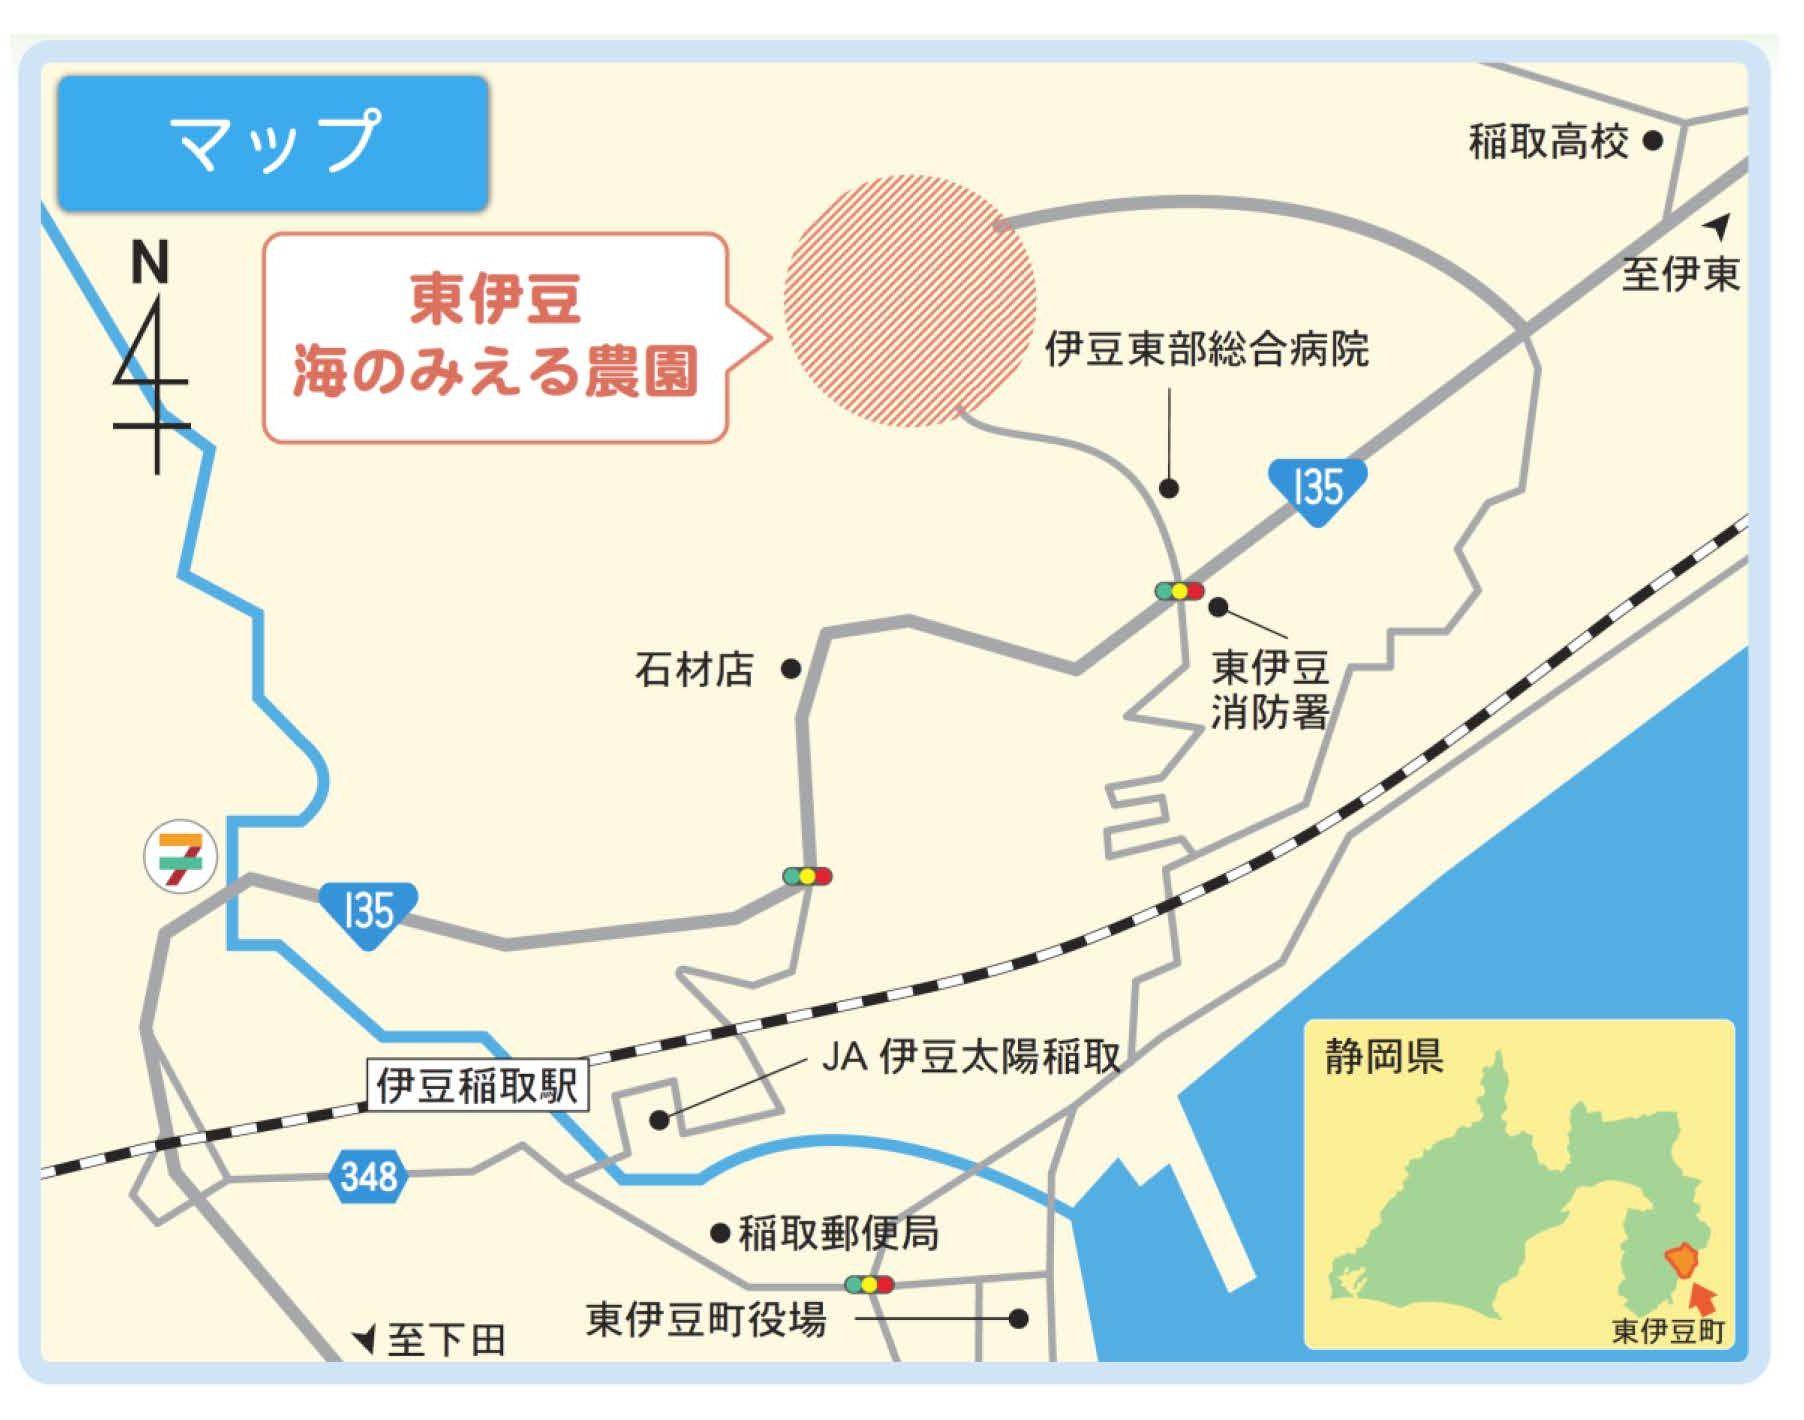 https://www.town.higashiizu.shizuoka.jp/bg/ken-san/upload/kik-wakamonoengei-map.jpg